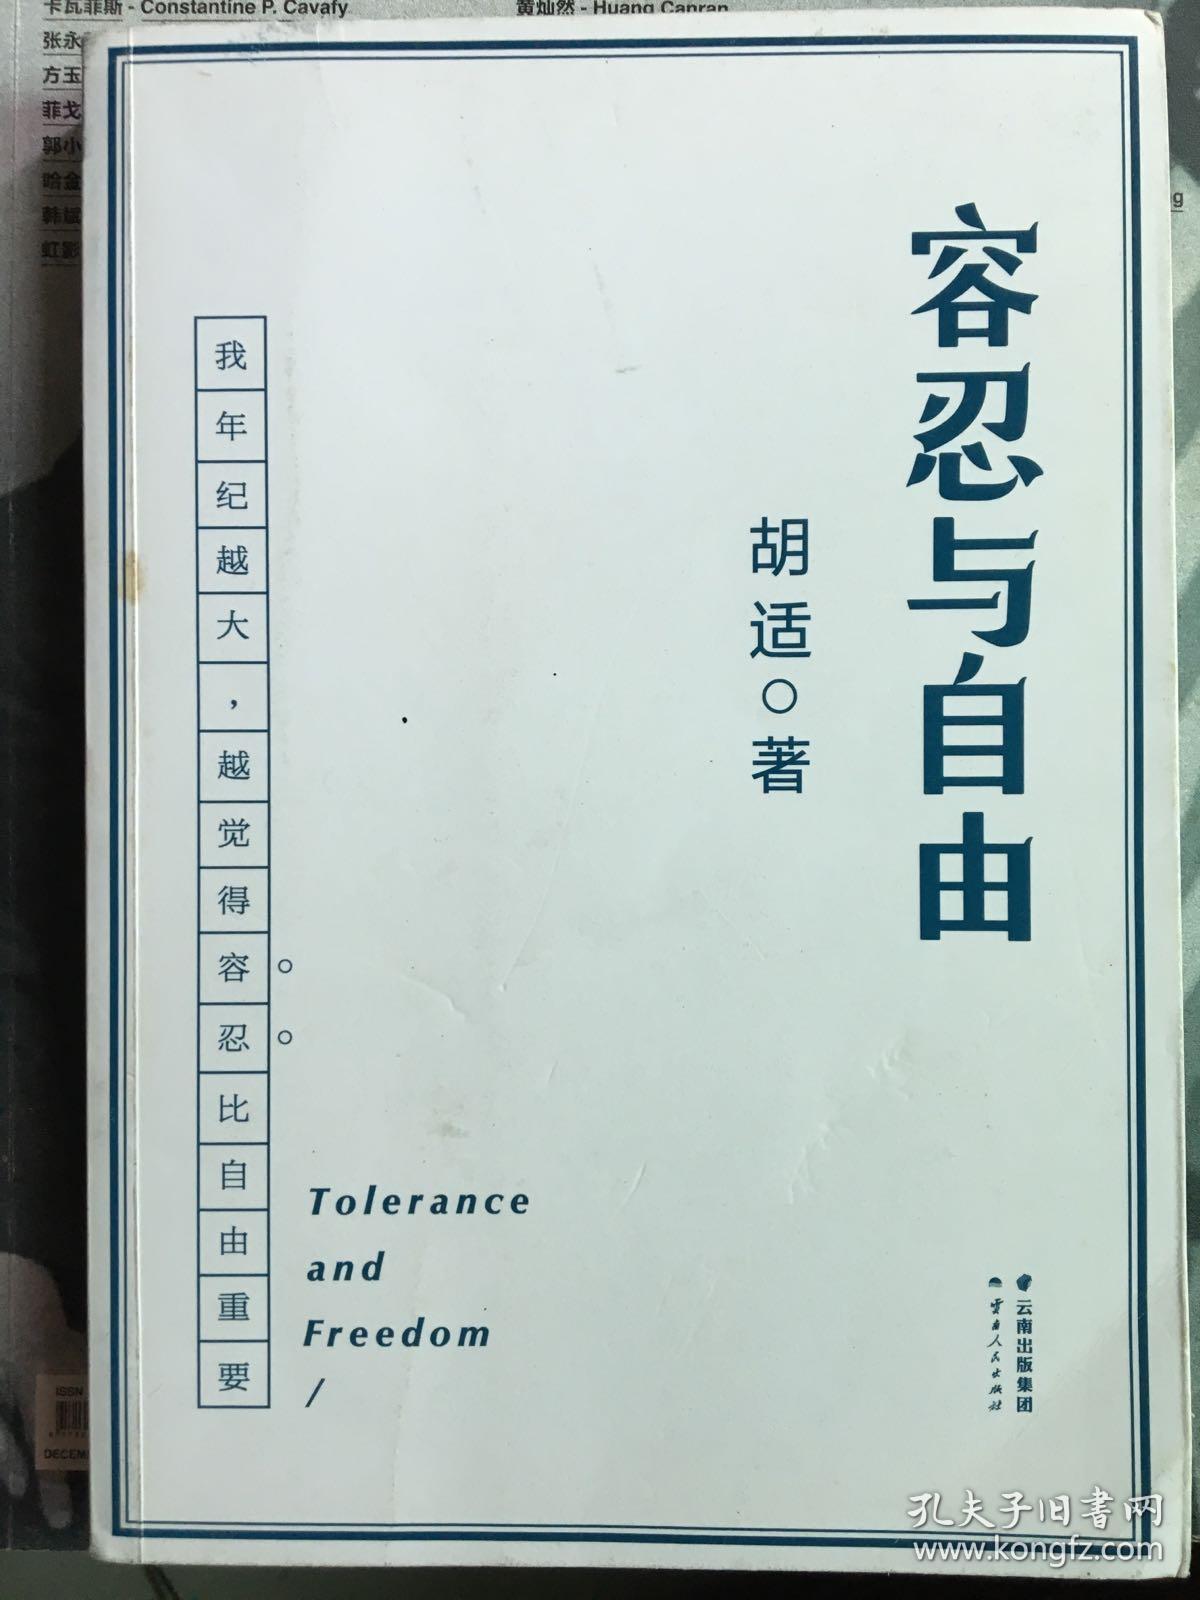 容忍与自由